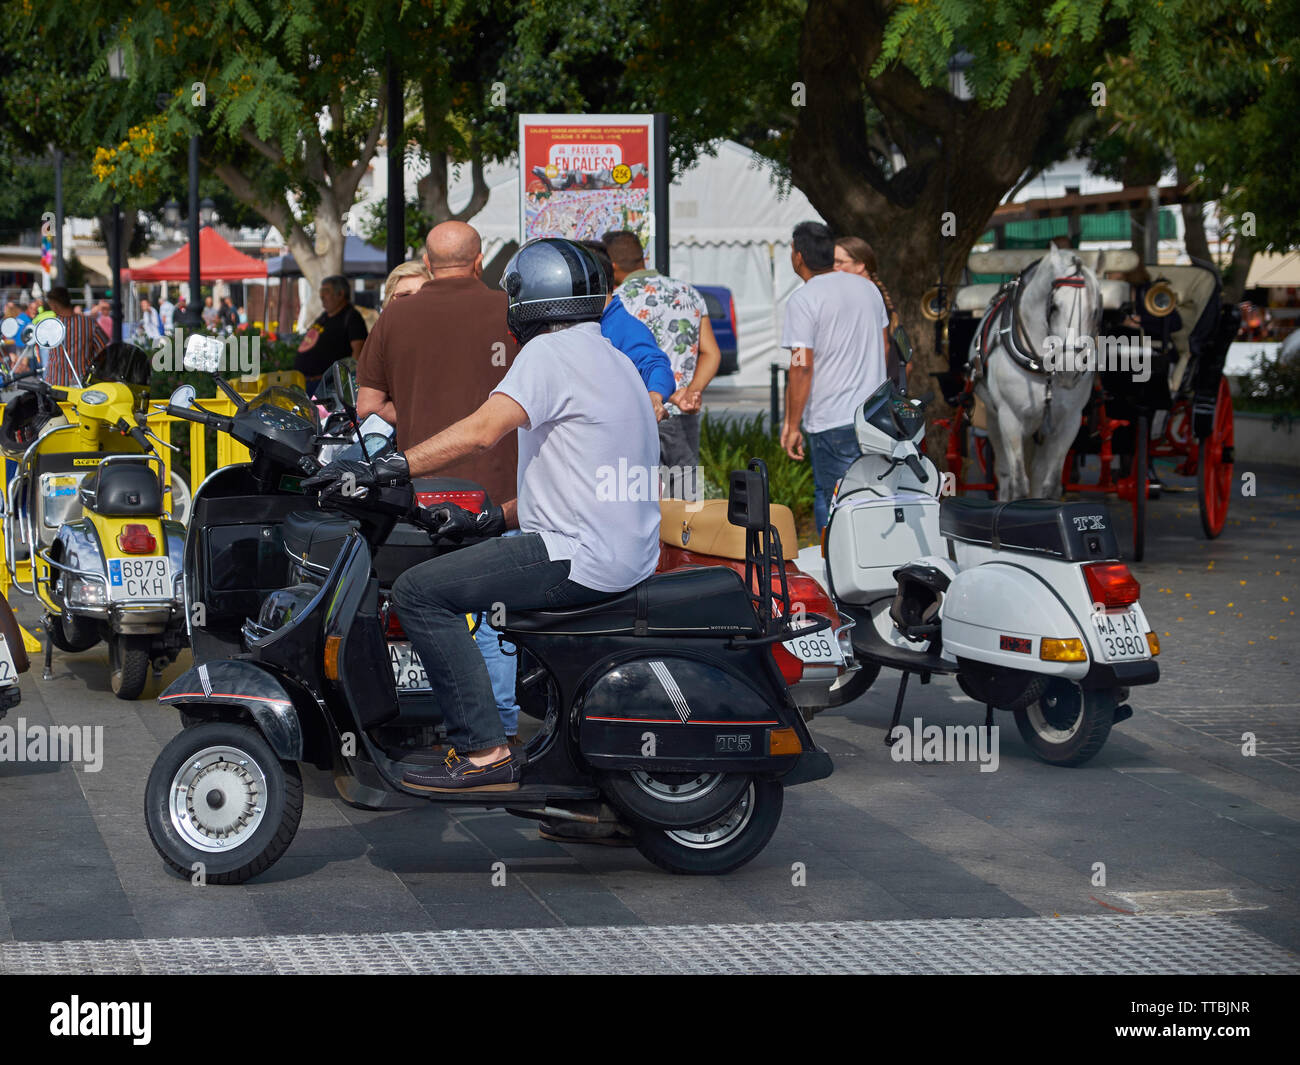 XII Concentración motos clásicas Villa de Mijas -classic motorcycle meeting in Mijas, Málaga province, Andalusia, Spain. Stock Photo